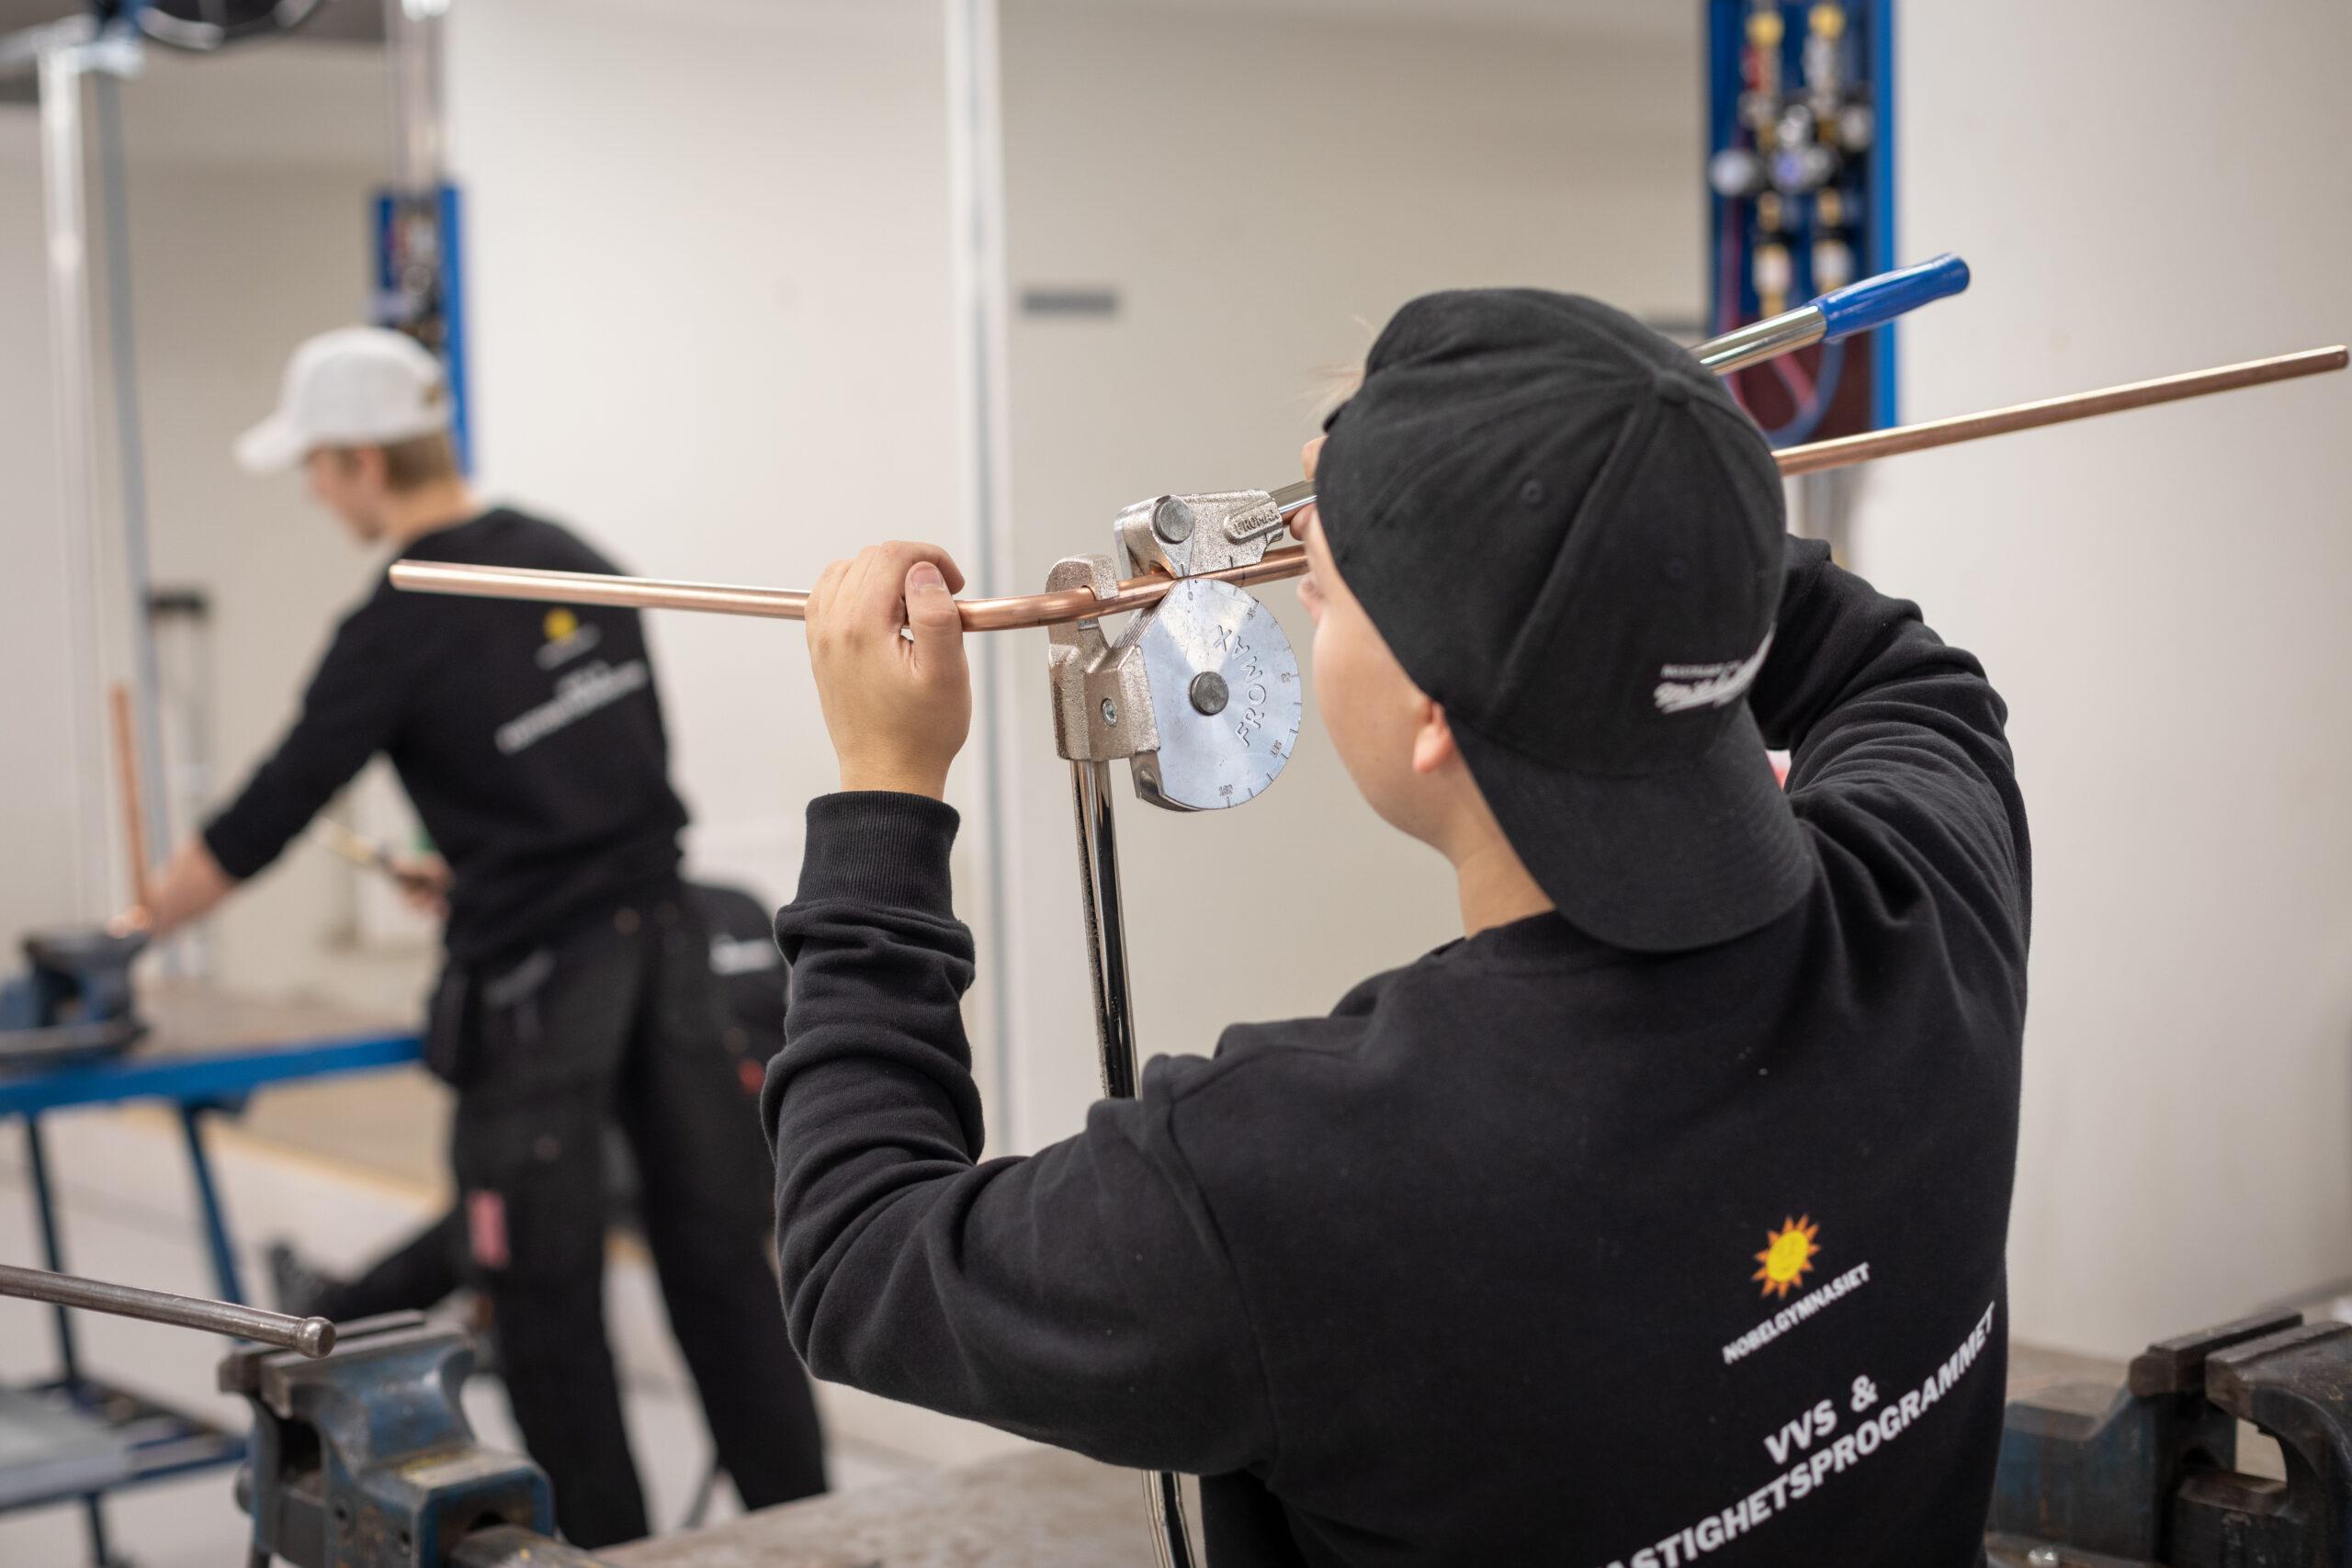 En elev bockar kopparrör som ska användas vid installationen av en WC-stol.